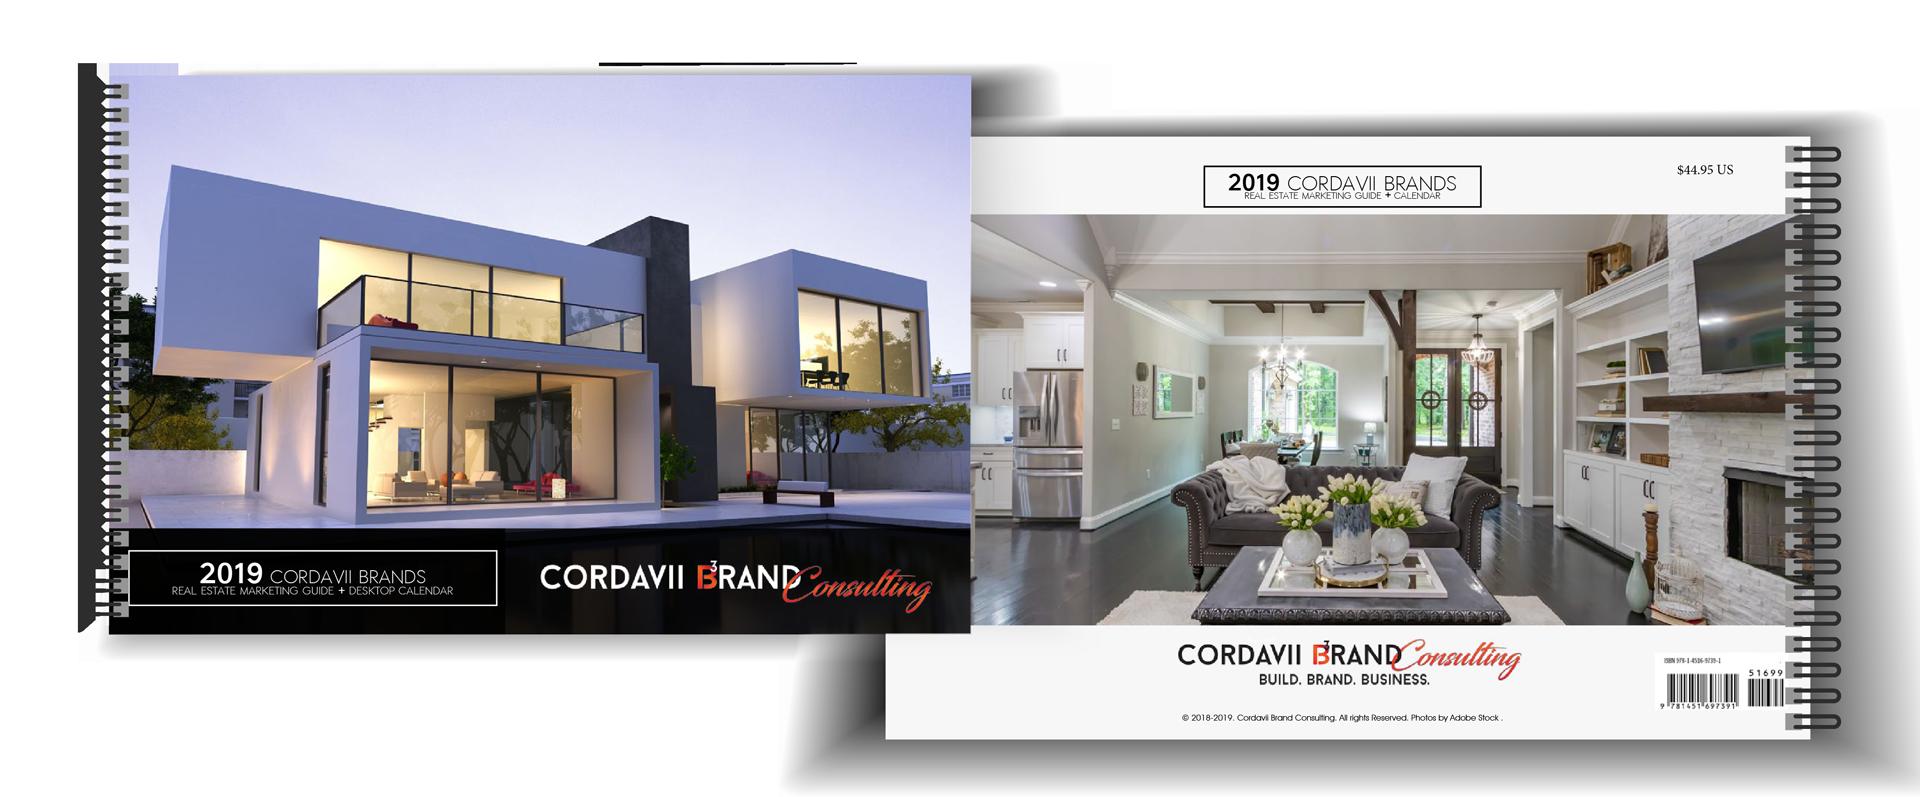 Download Cordavii Brands Real Estate Marketing Calendar